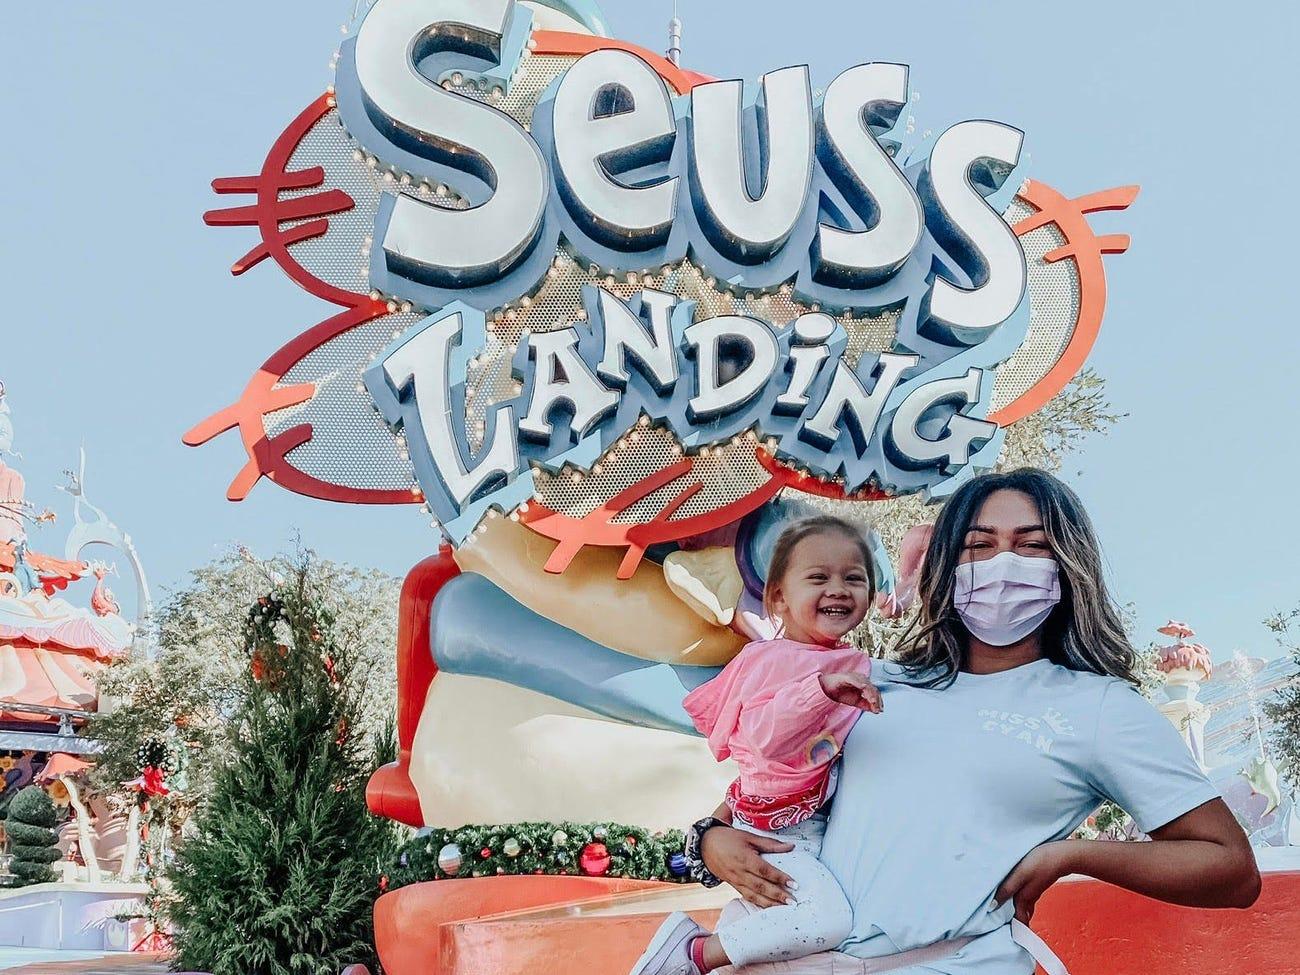 Cyan đang làm bảo mẫu để dẫn trẻ đi chơi tại hai công viên Disney World và Universal Orlando. Ảnh: Cyan Nardiello/Insider